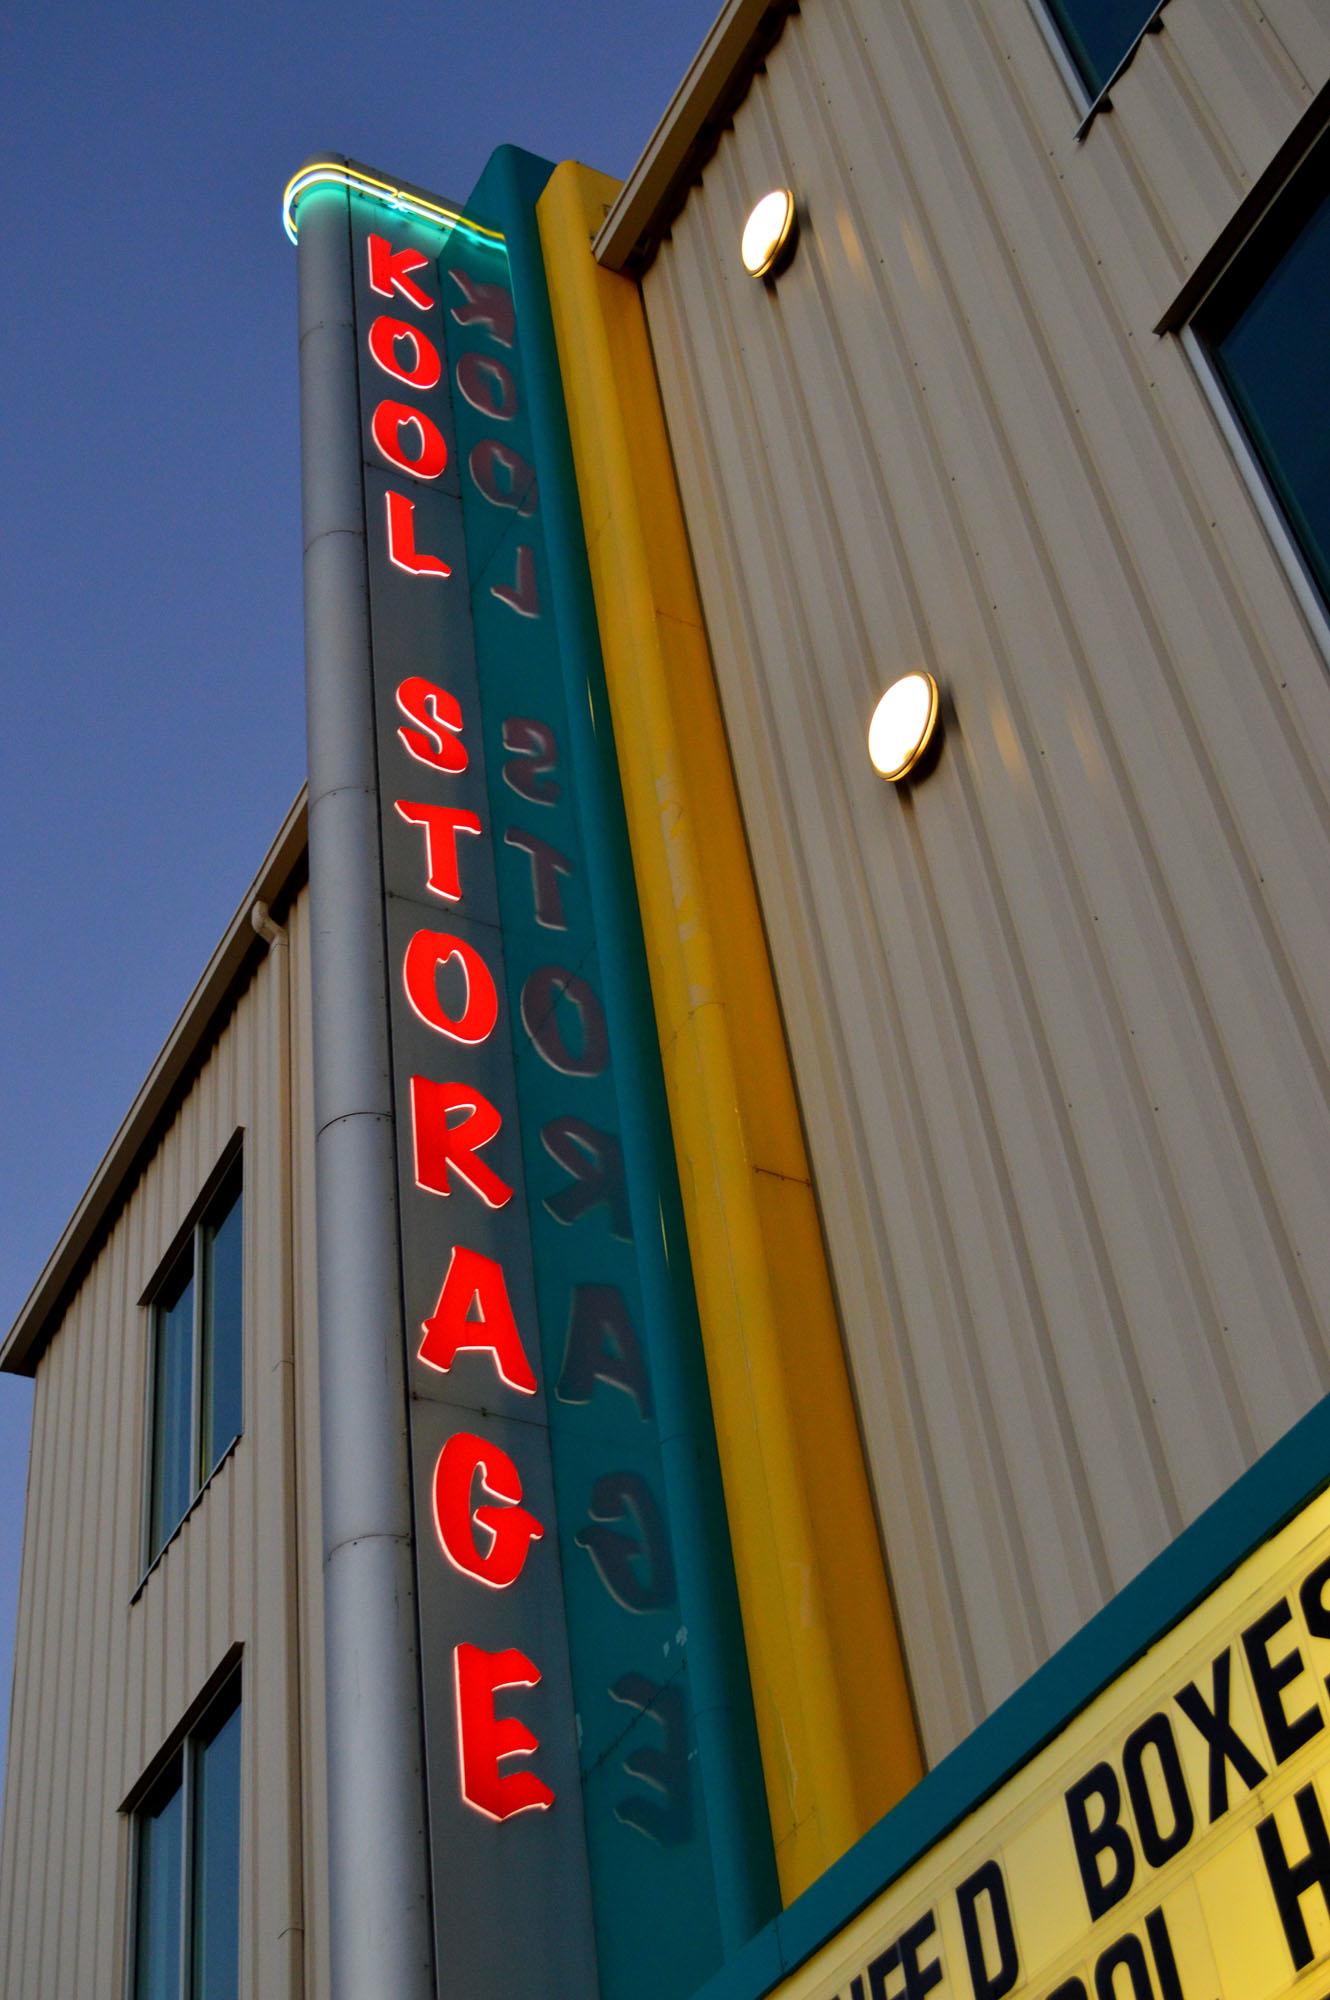 Kool Storage image 4